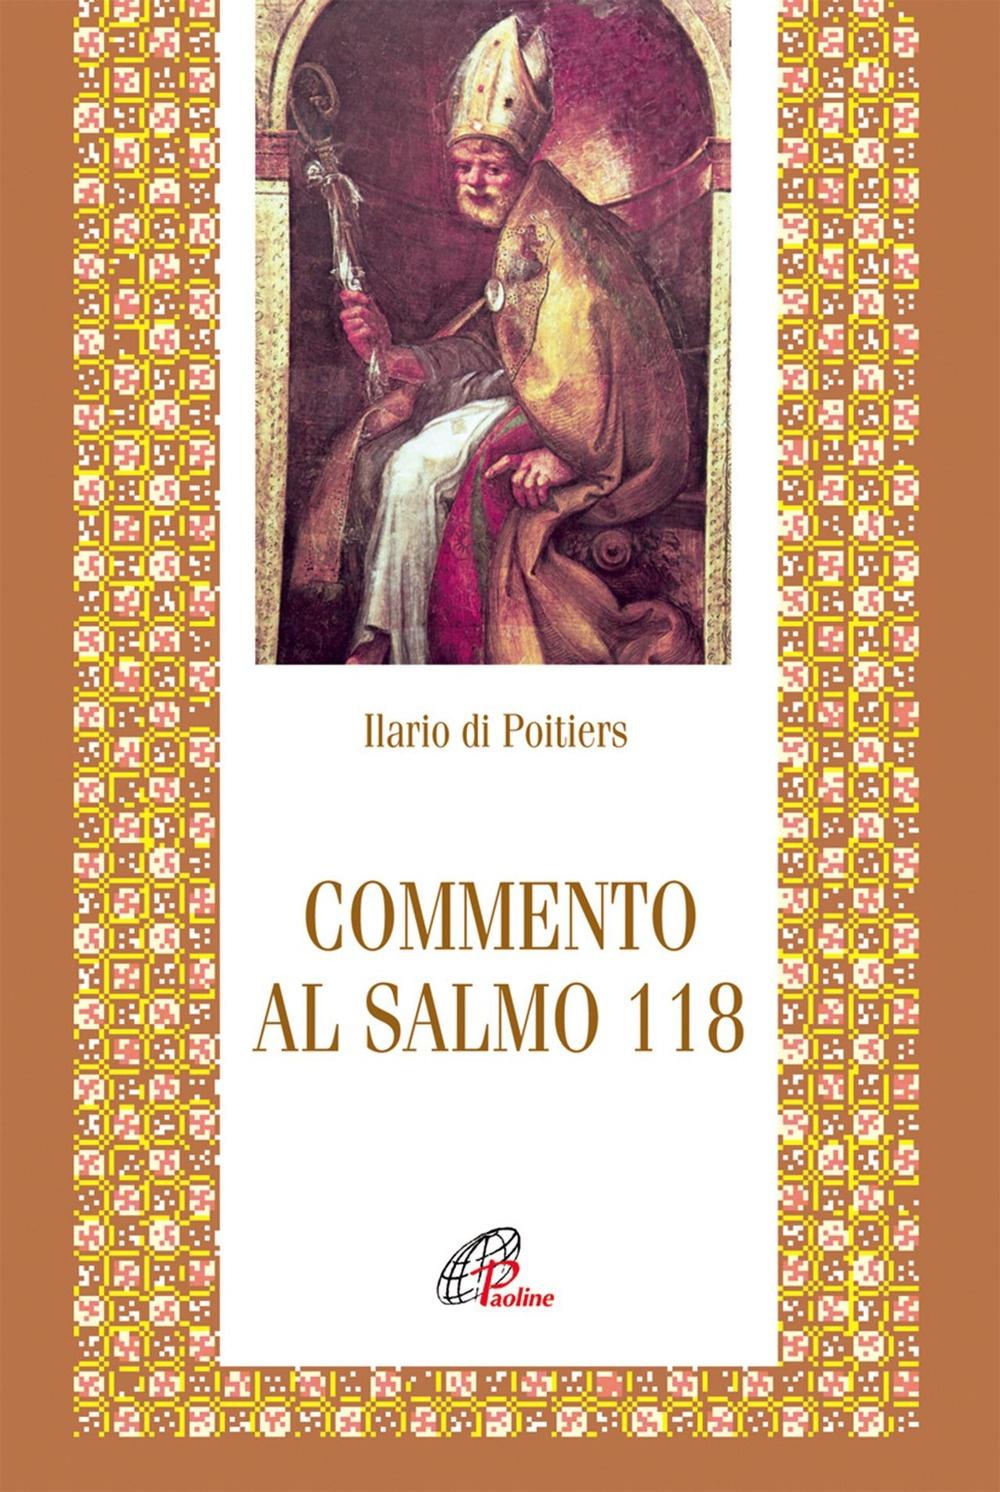 Commento al Salmo 118